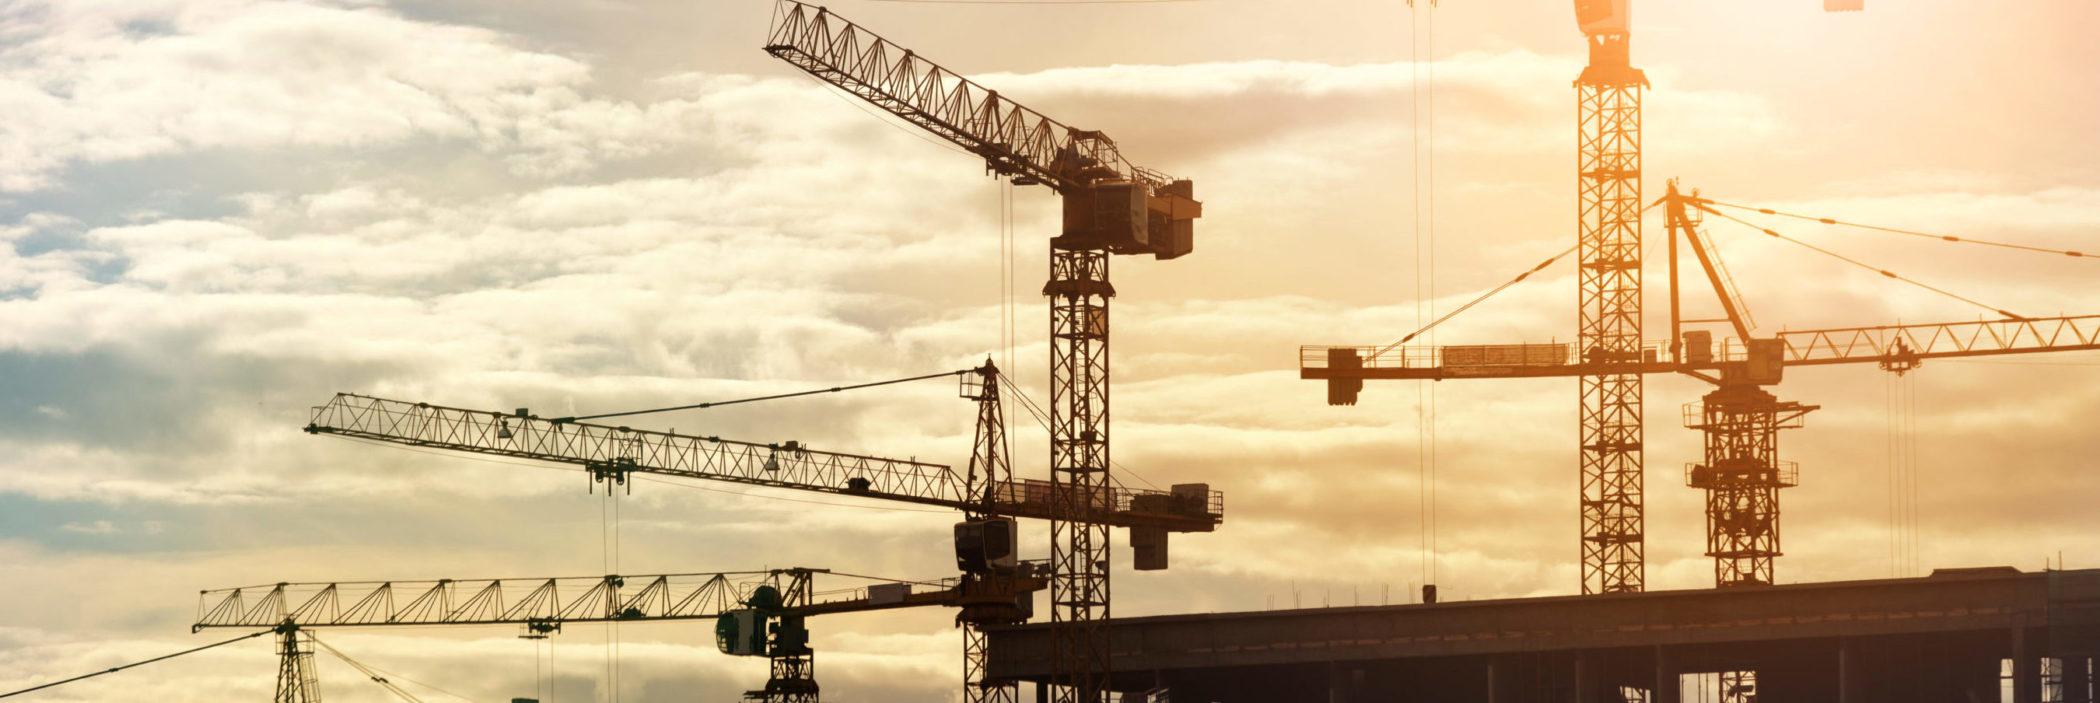 WiBe Hochbau: Kräne stehen auf einer Baustellen im Sonnenaufgng.